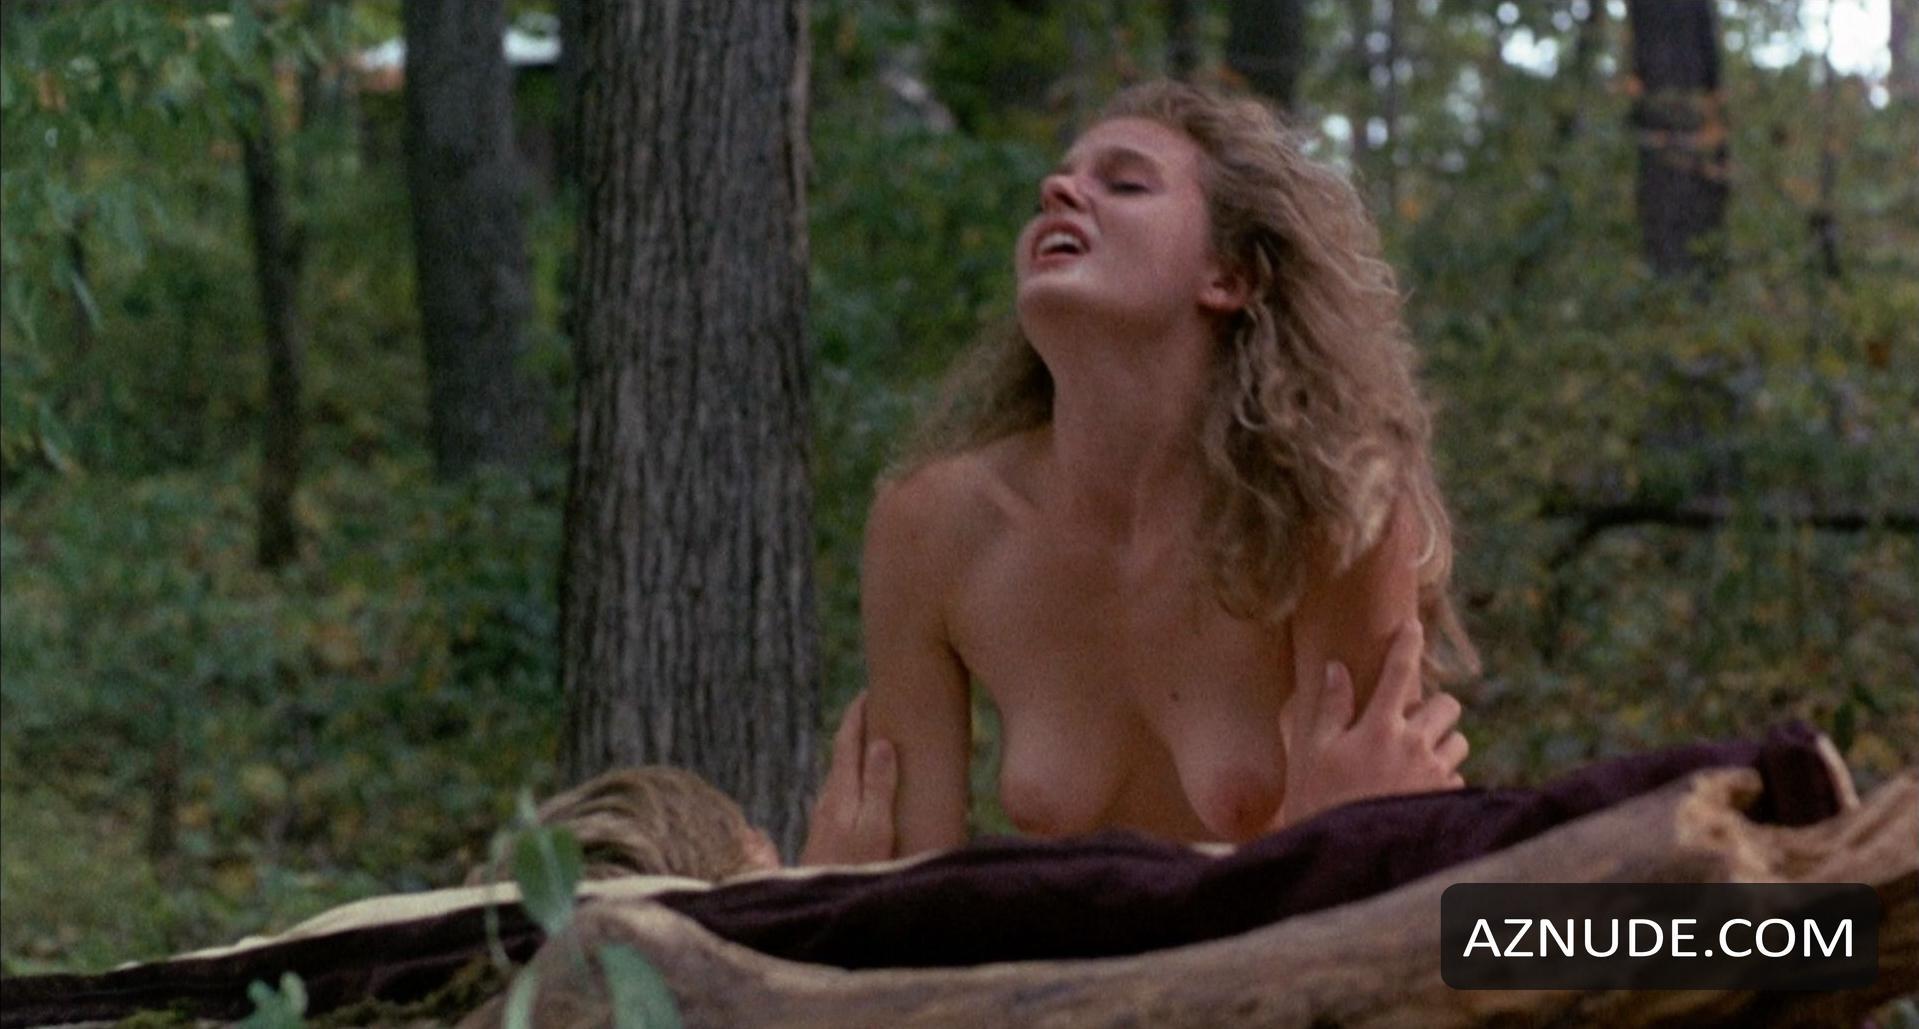 sexiest nude women in music